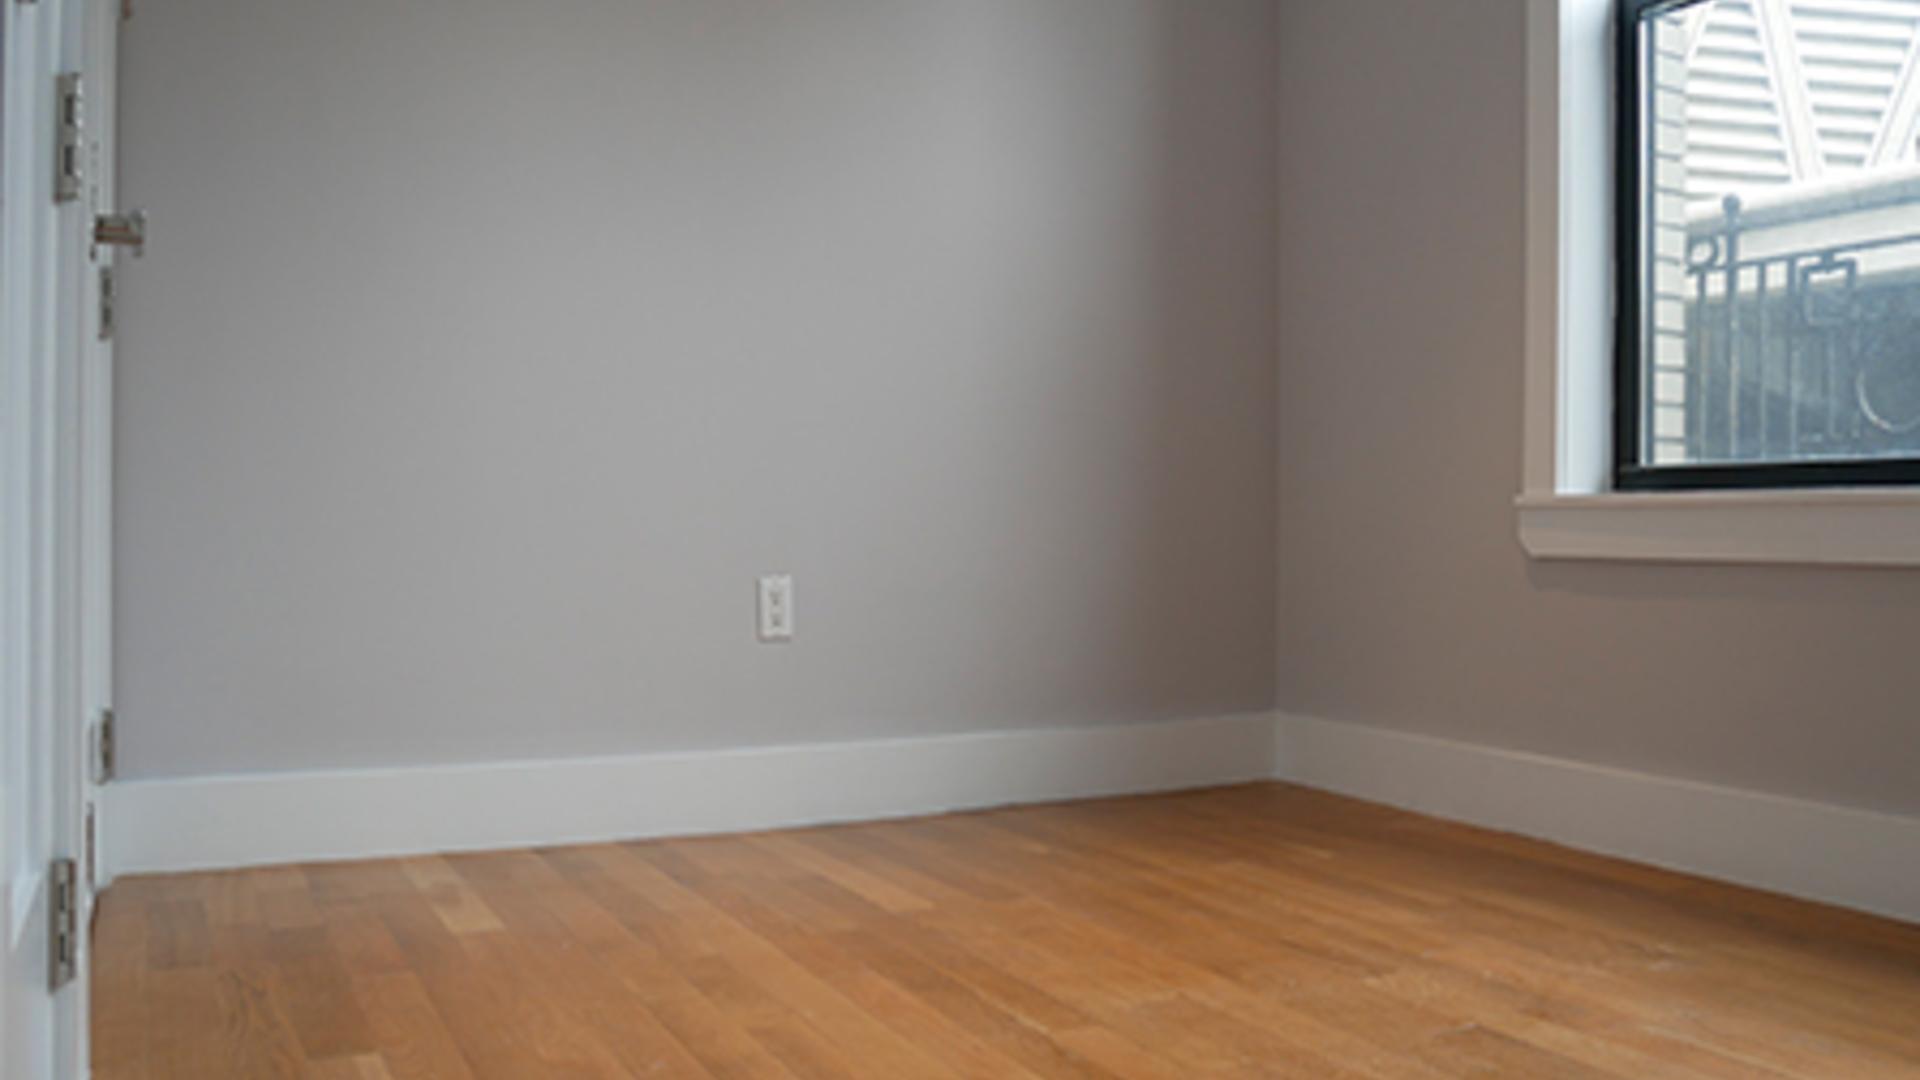 0b48f991 355 u38020 bedroom1